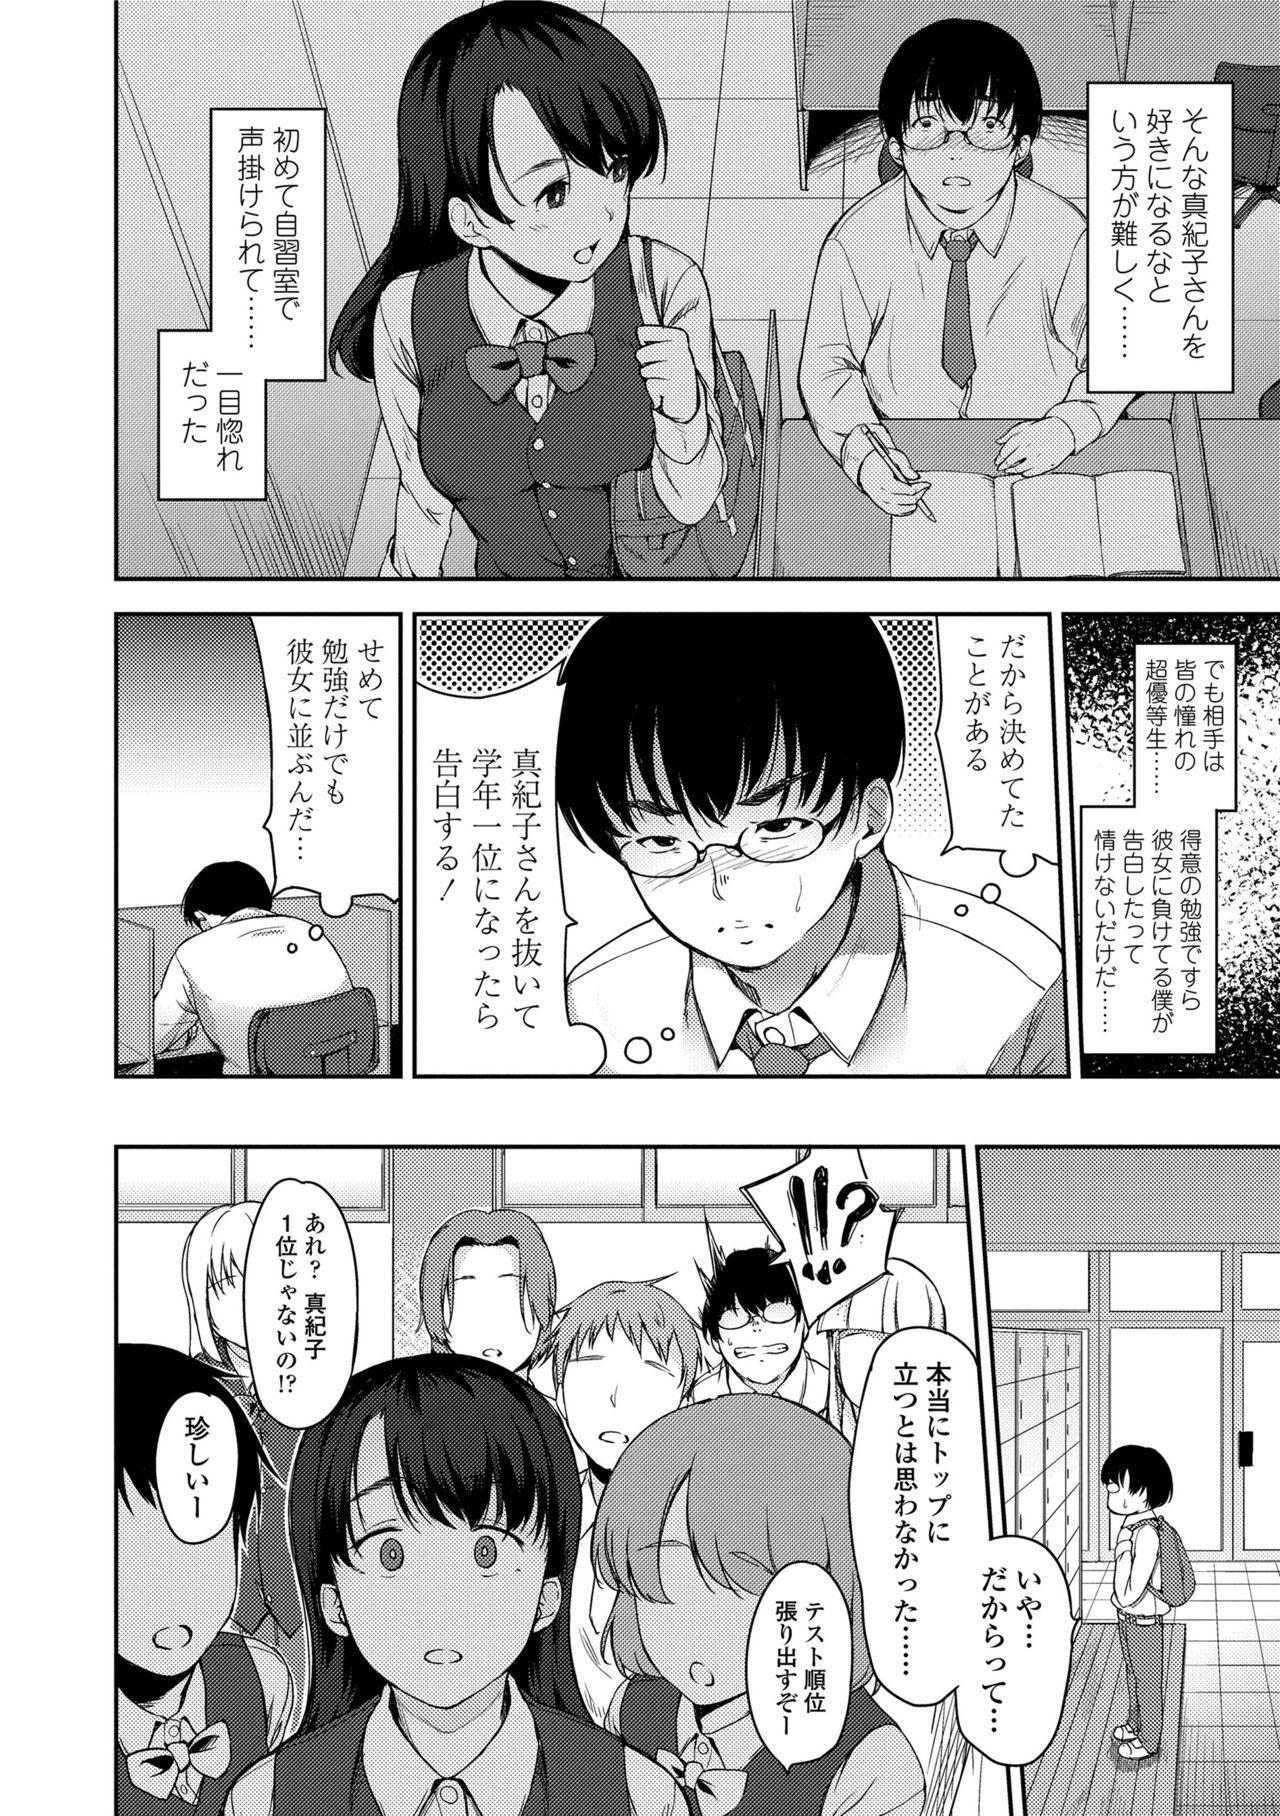 Ai ga Nakutemo Ecchi wa Dekiru! - Even if There is No Love You Can H! 167